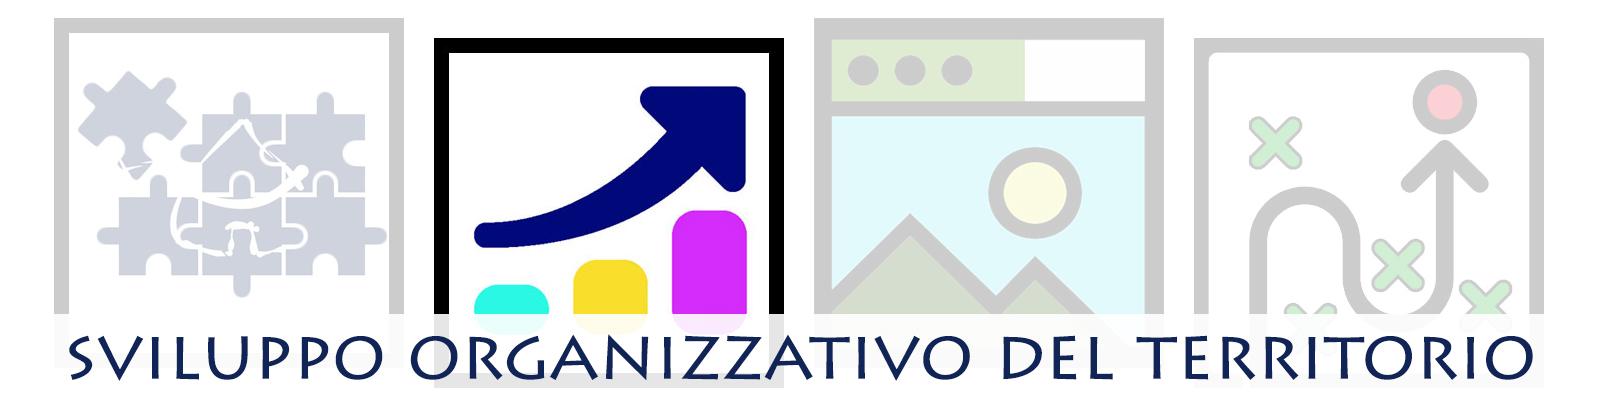 sviluppo-organizzativo-copertina